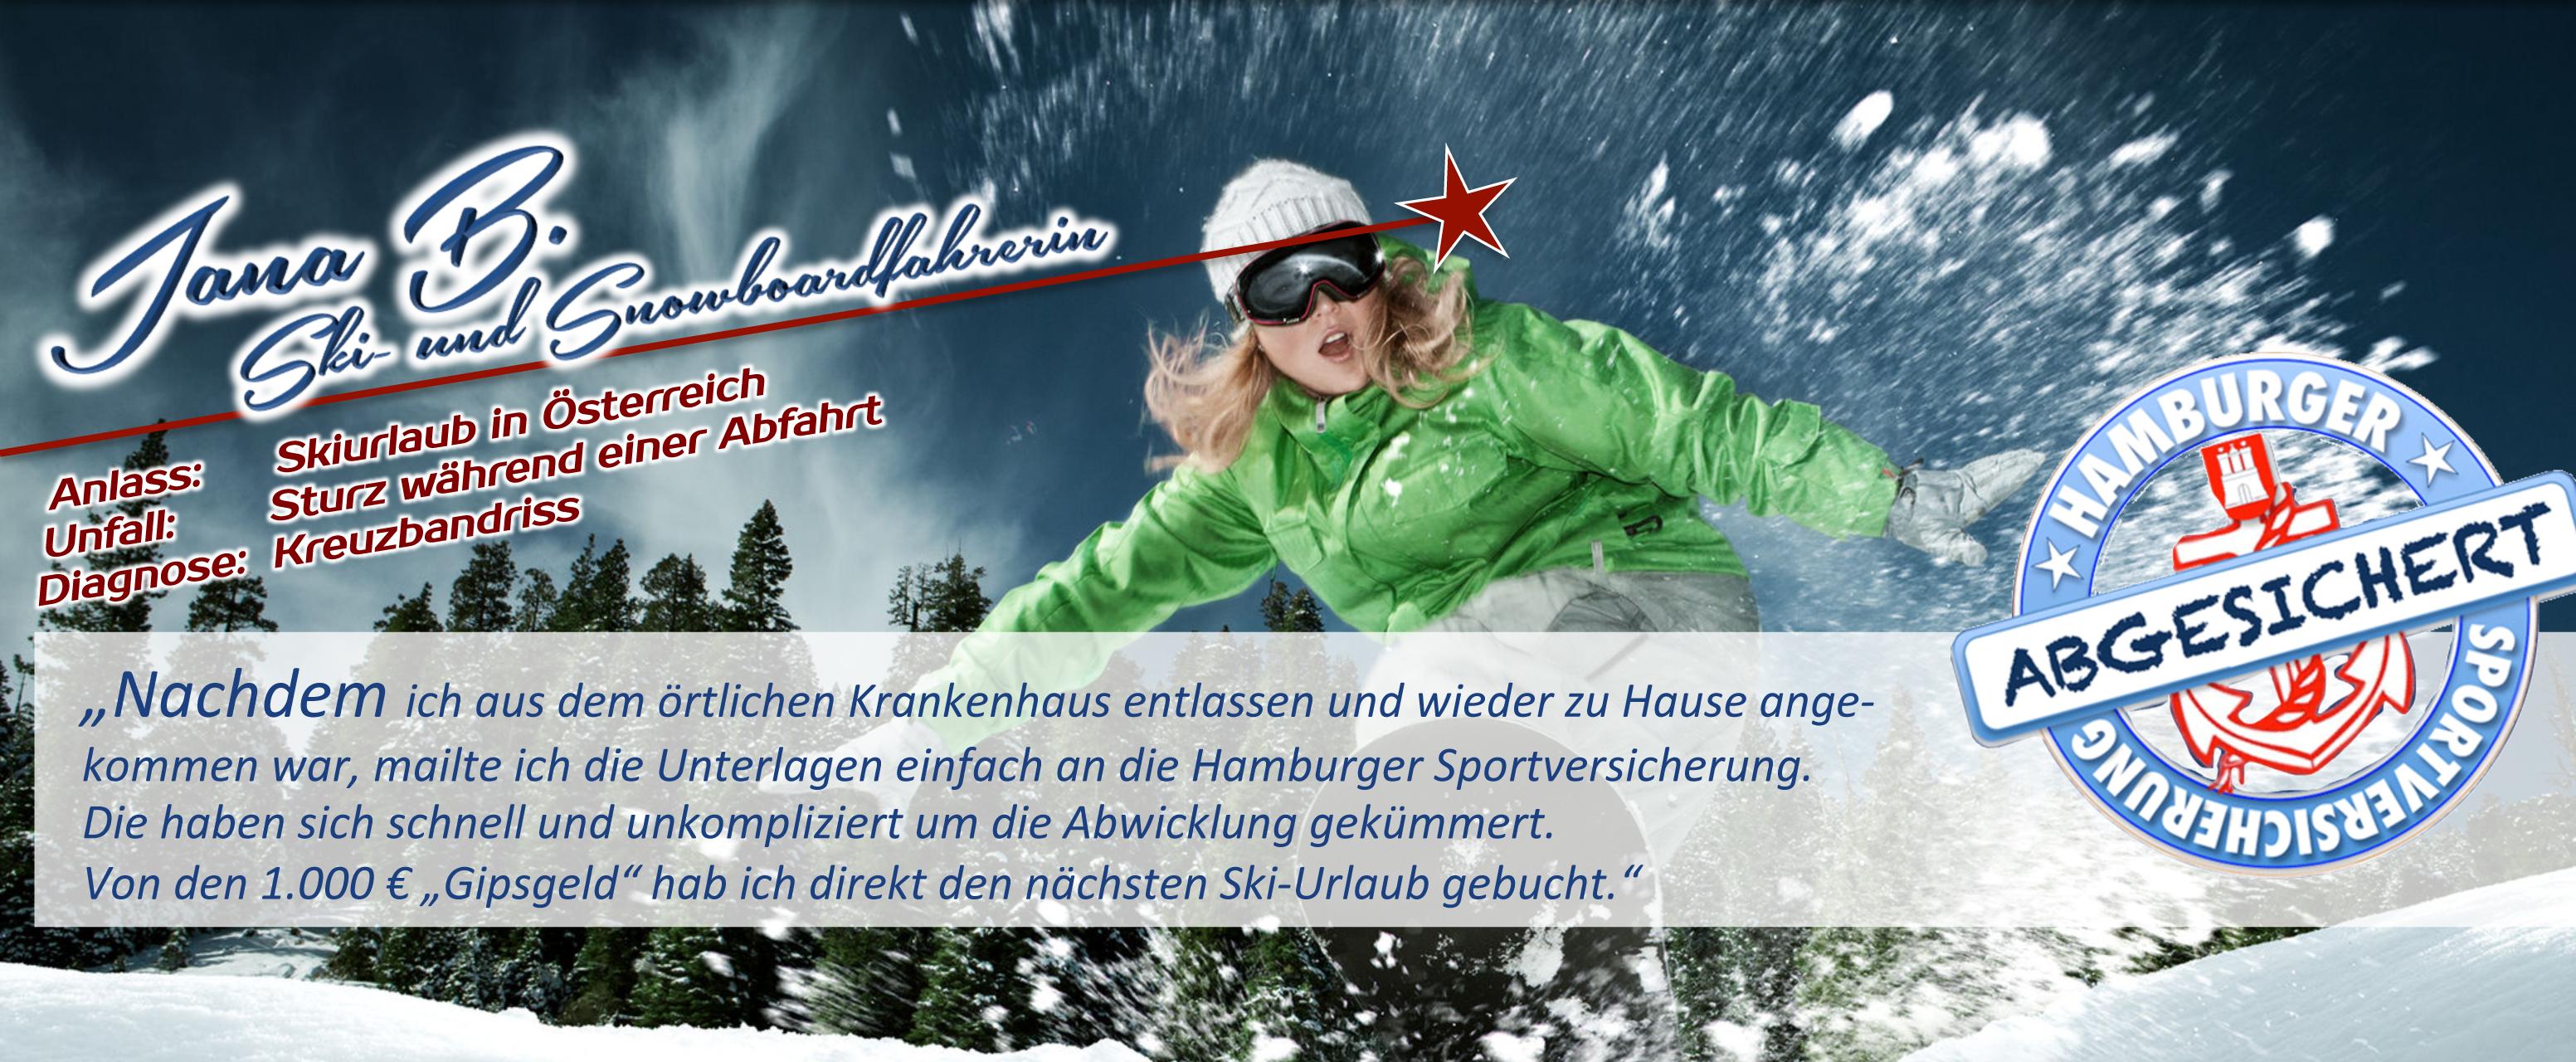 snowboard_fin1